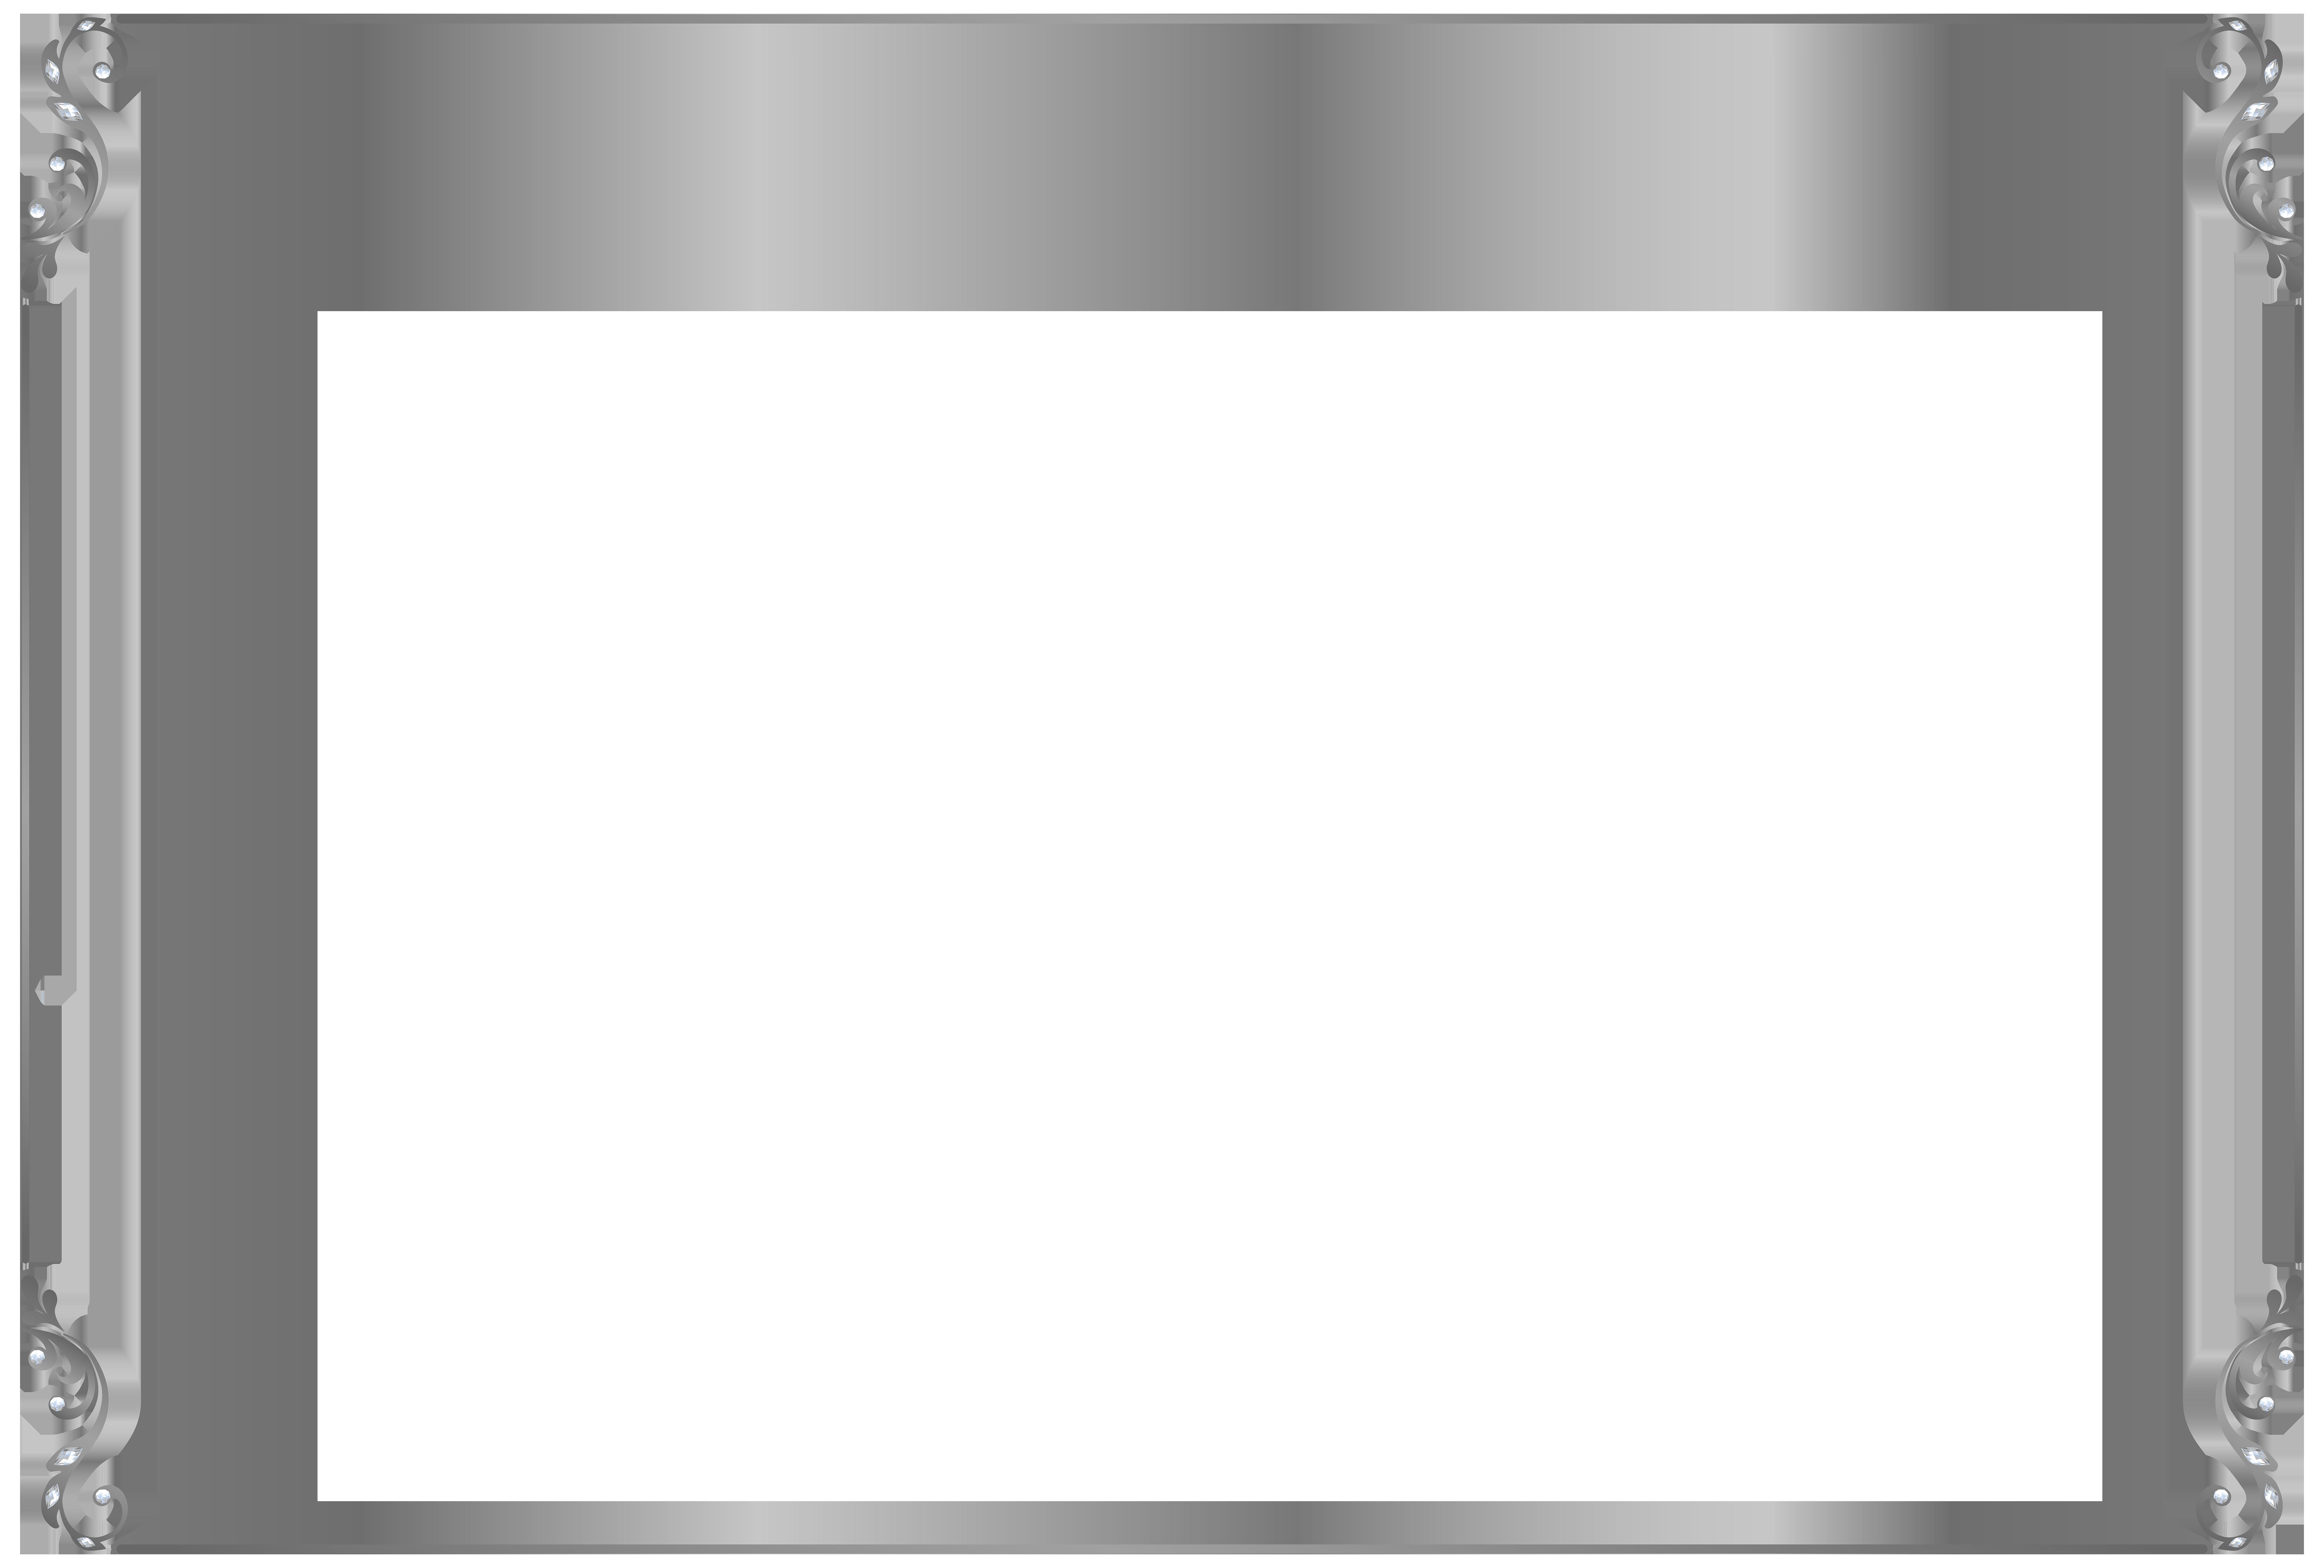 Silver Border Frame PNG Clip Art Image.